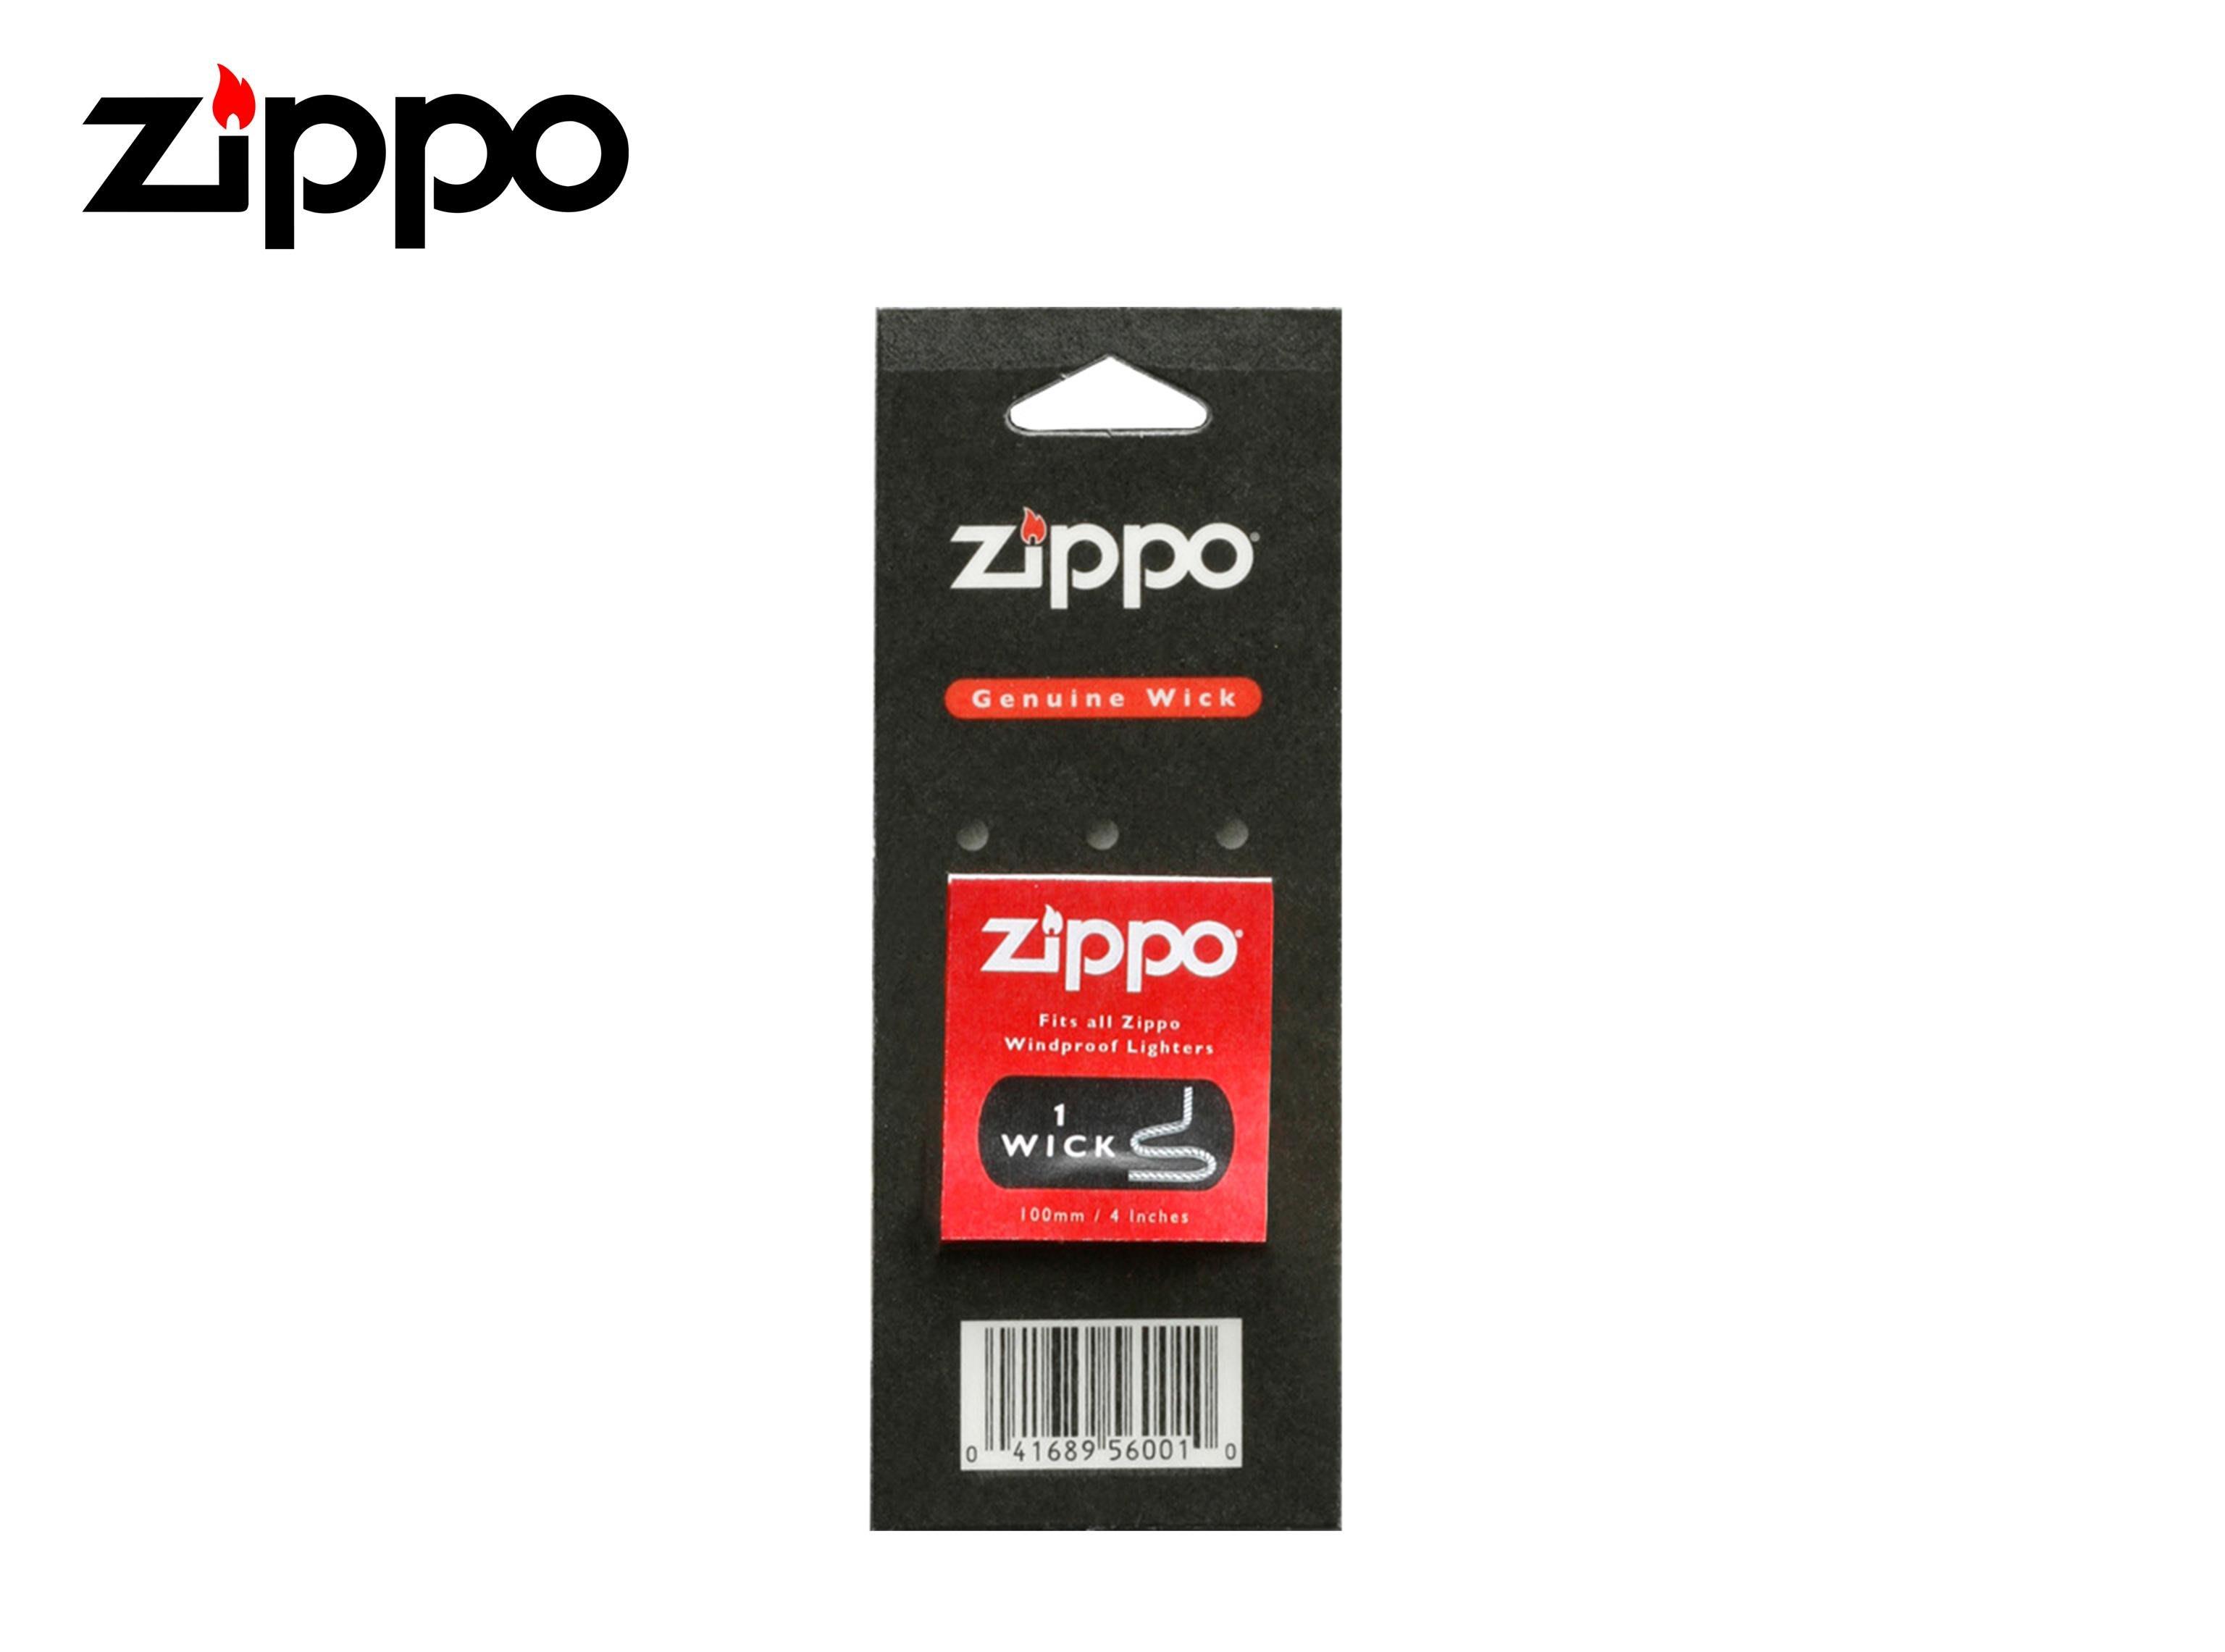 【寧寧精品】Zippo 原廠正式授權經銷商 台中30年打火機專賣店 Zippo棉芯 滿$1000=免運費*4408-1